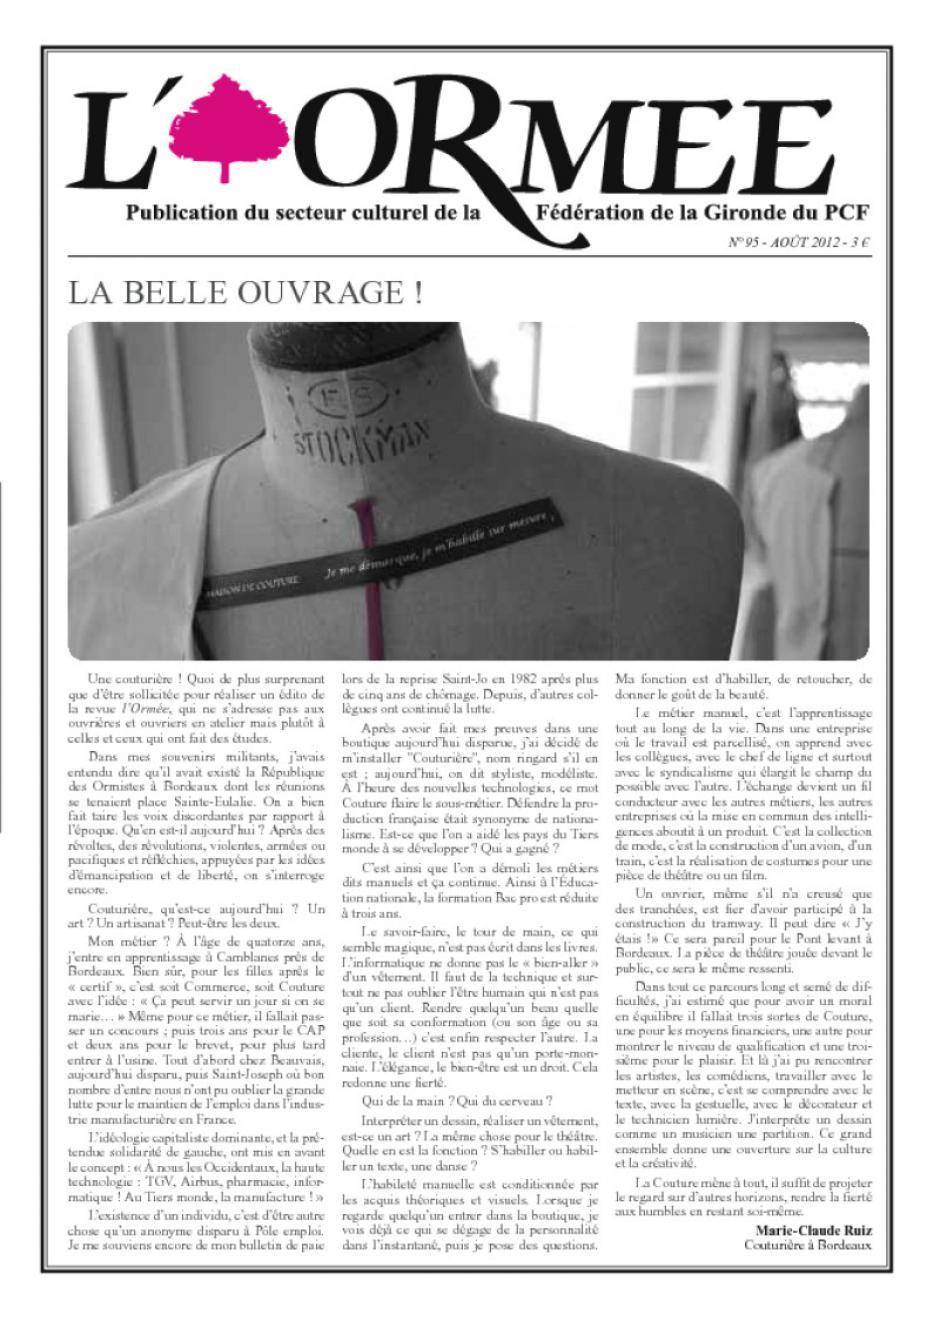 L'ormée, revue culturelle du PCF Gironde : n°93 février 2012